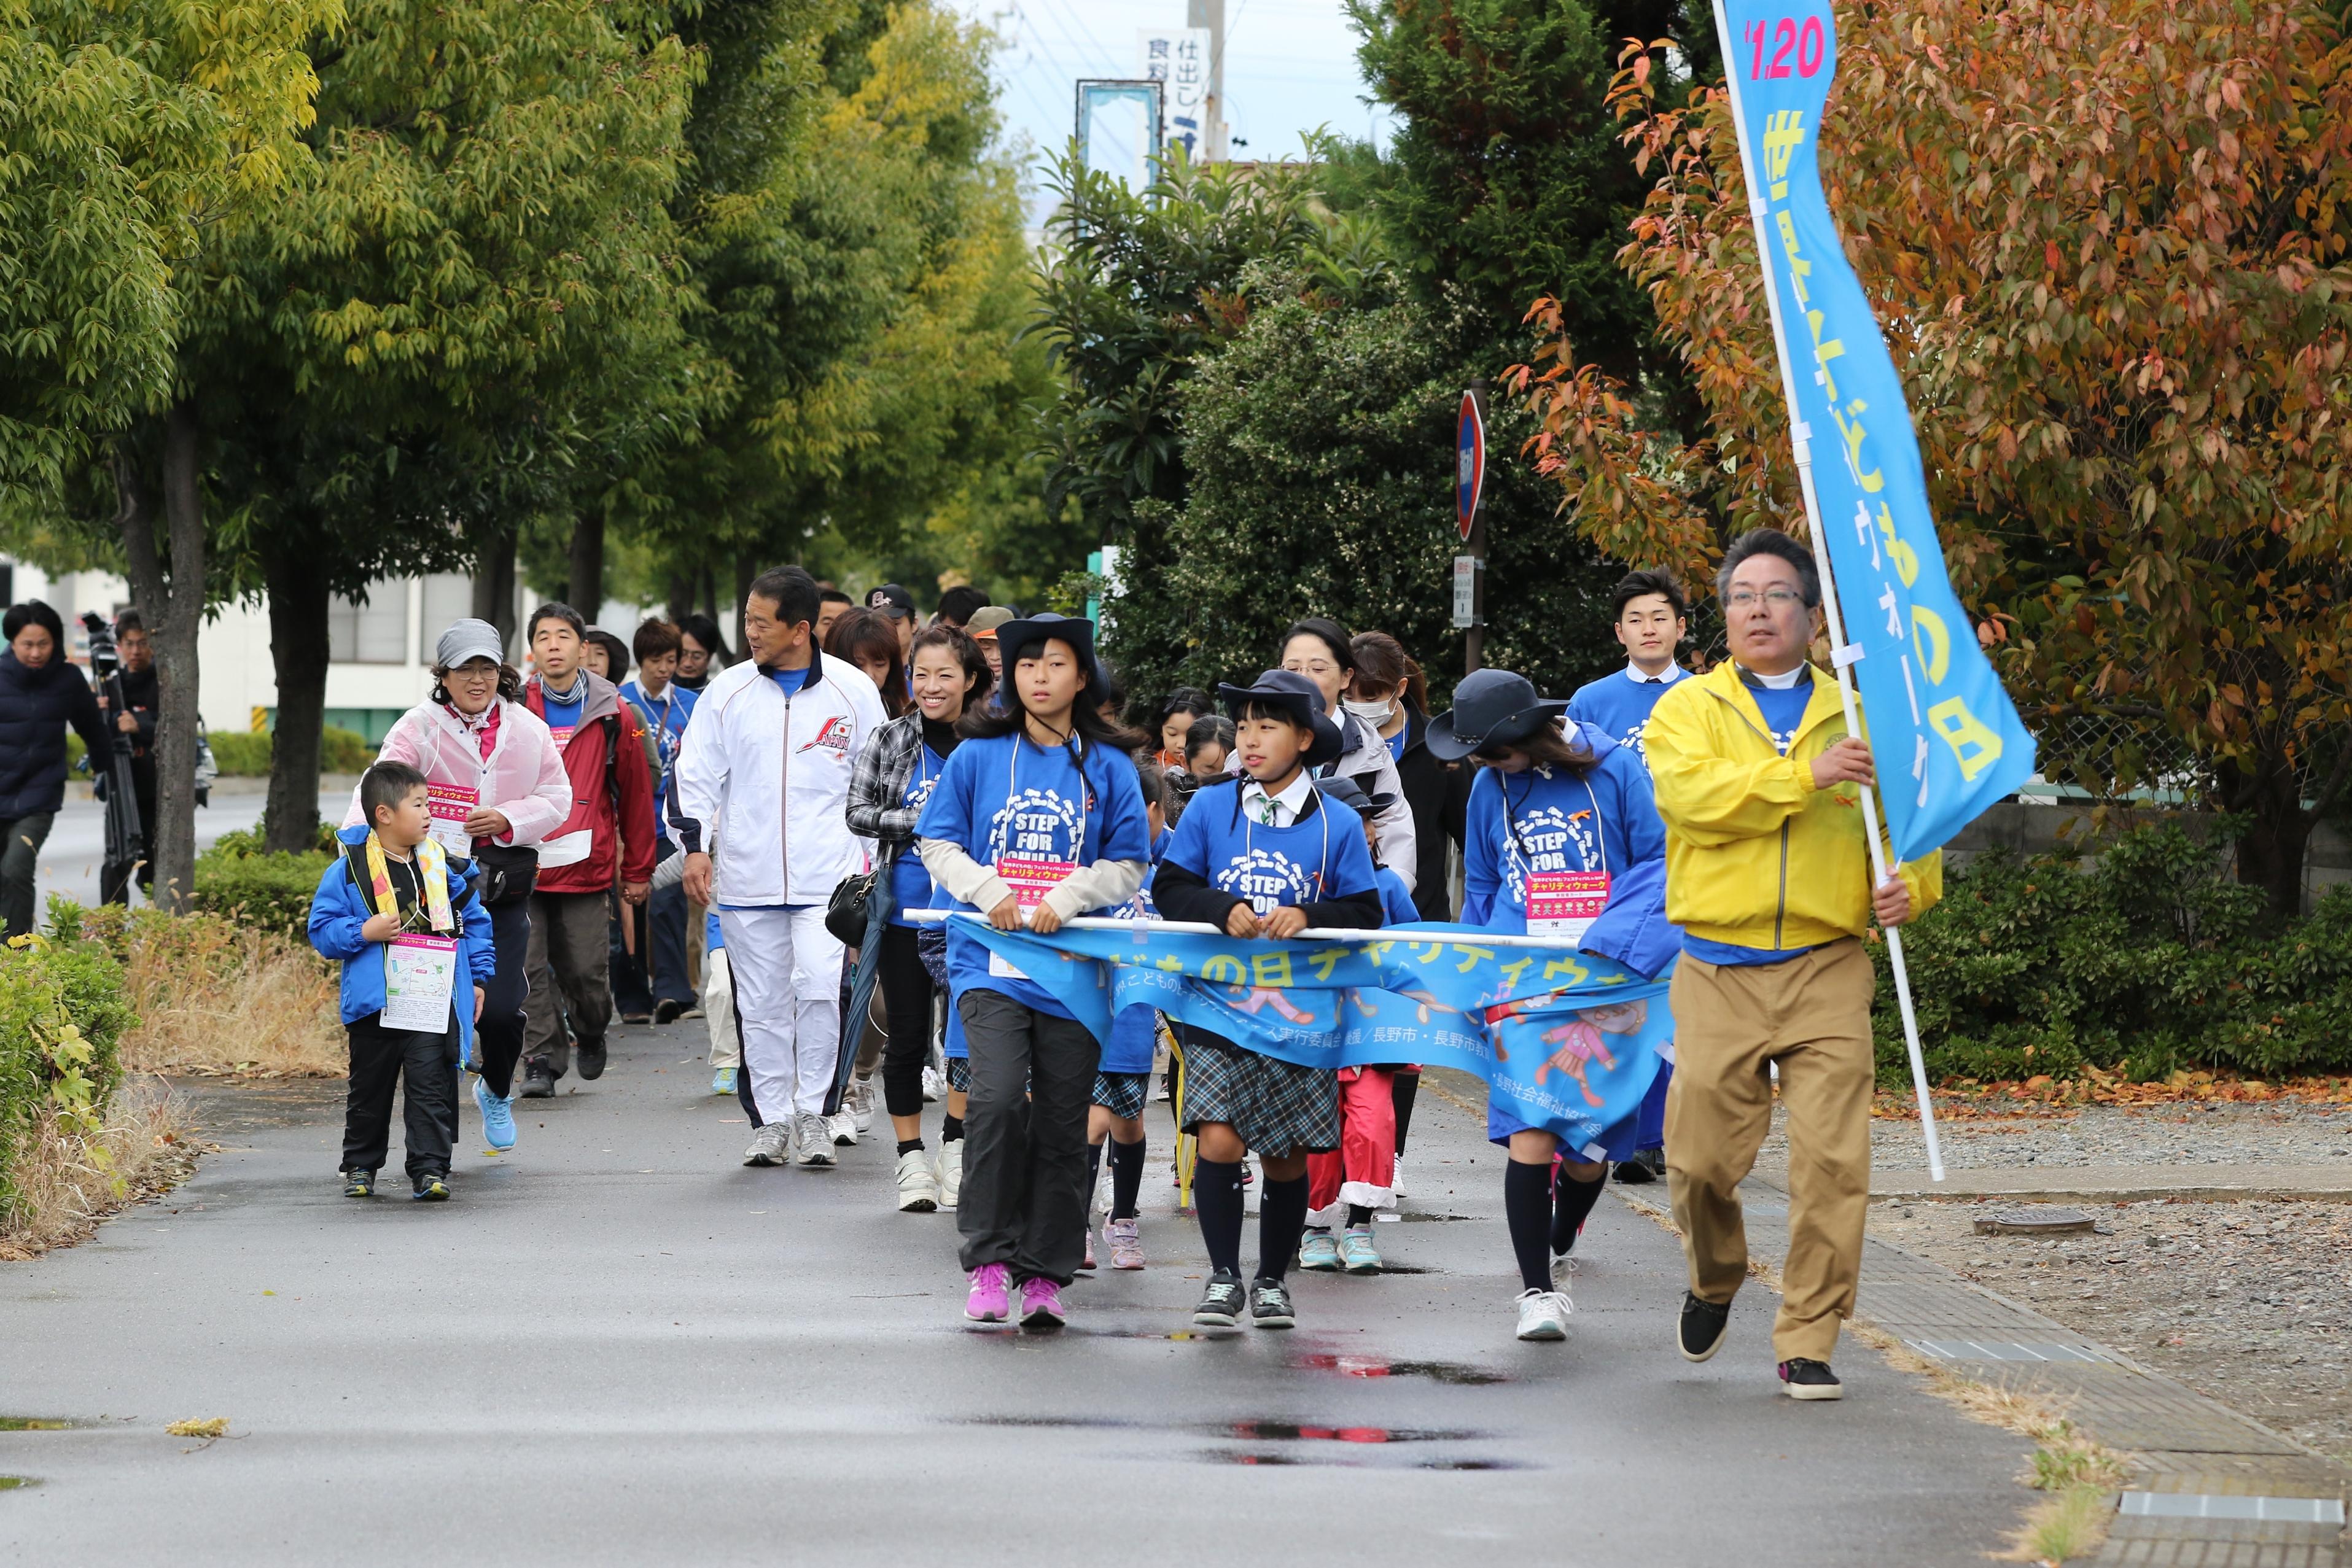 長野千曲LC「世界子どもの日」フェスティバルチャリティウォーク③